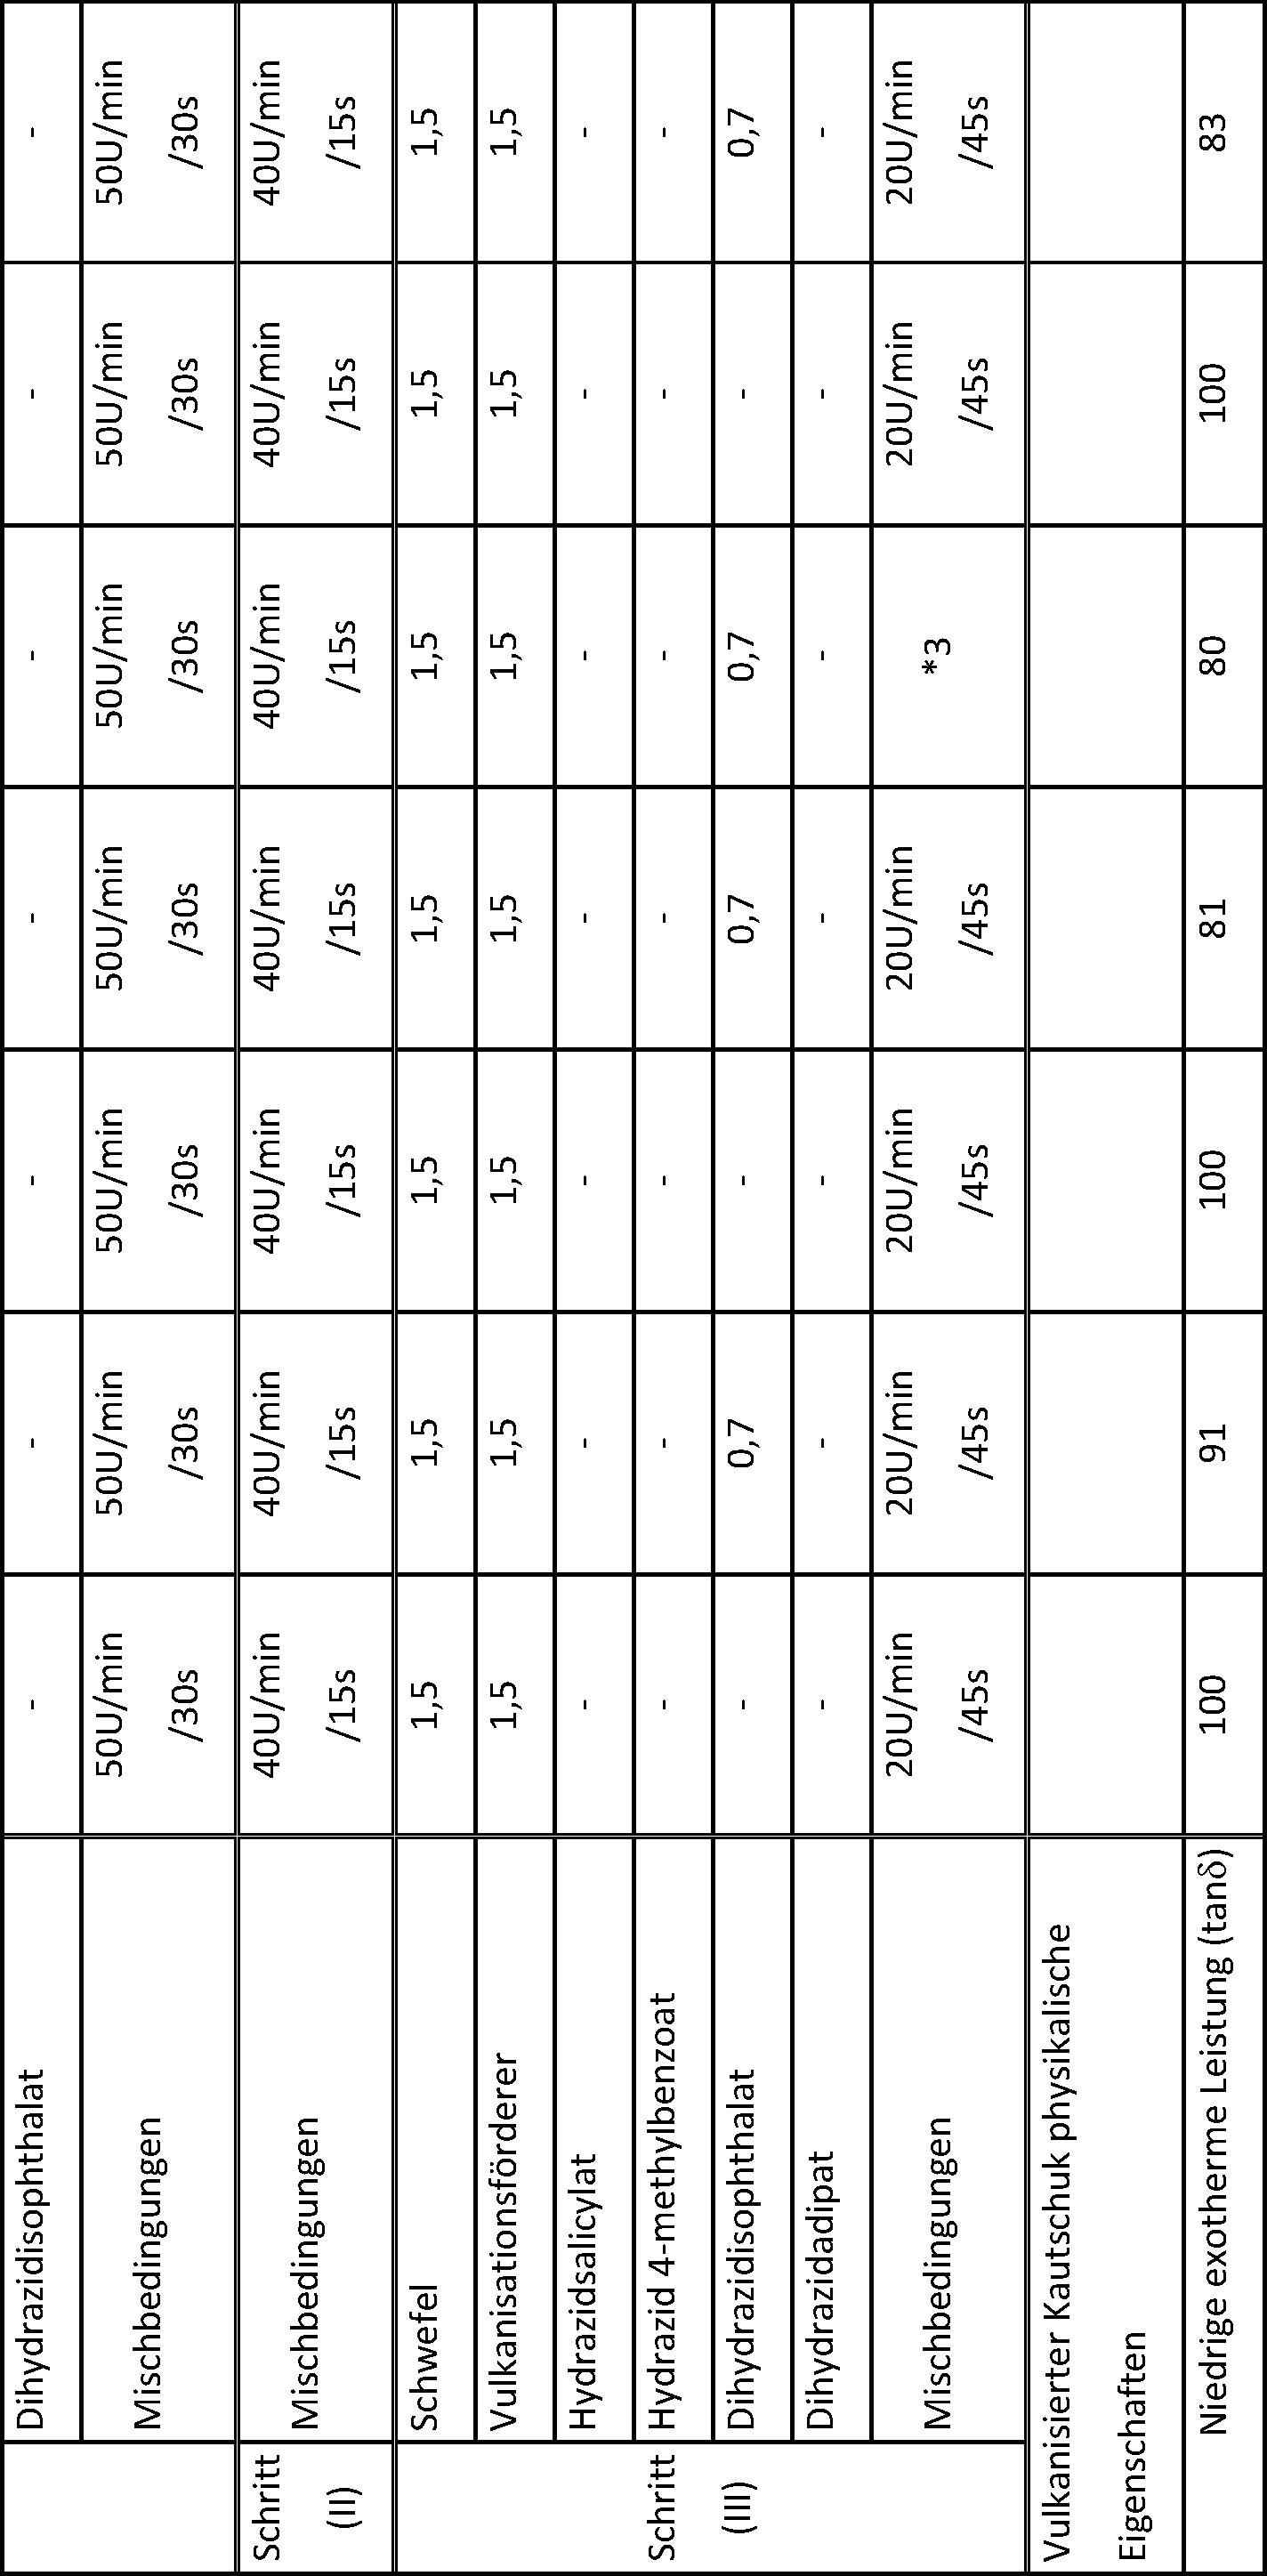 Figure DE112014005088T5_0009